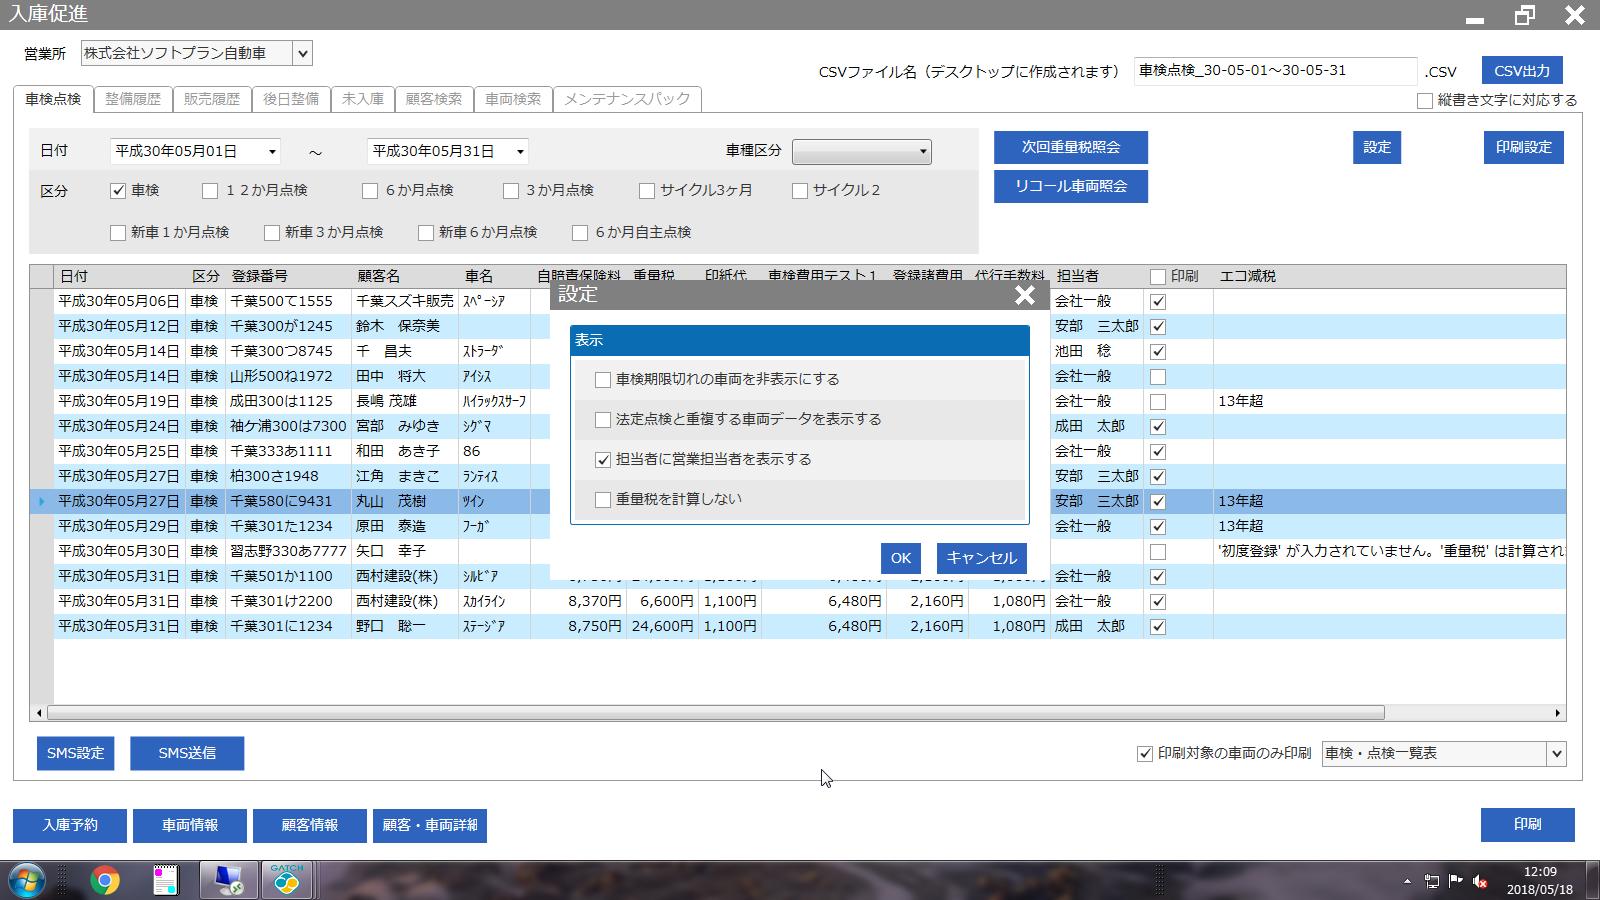 工場 コード 検索 整備